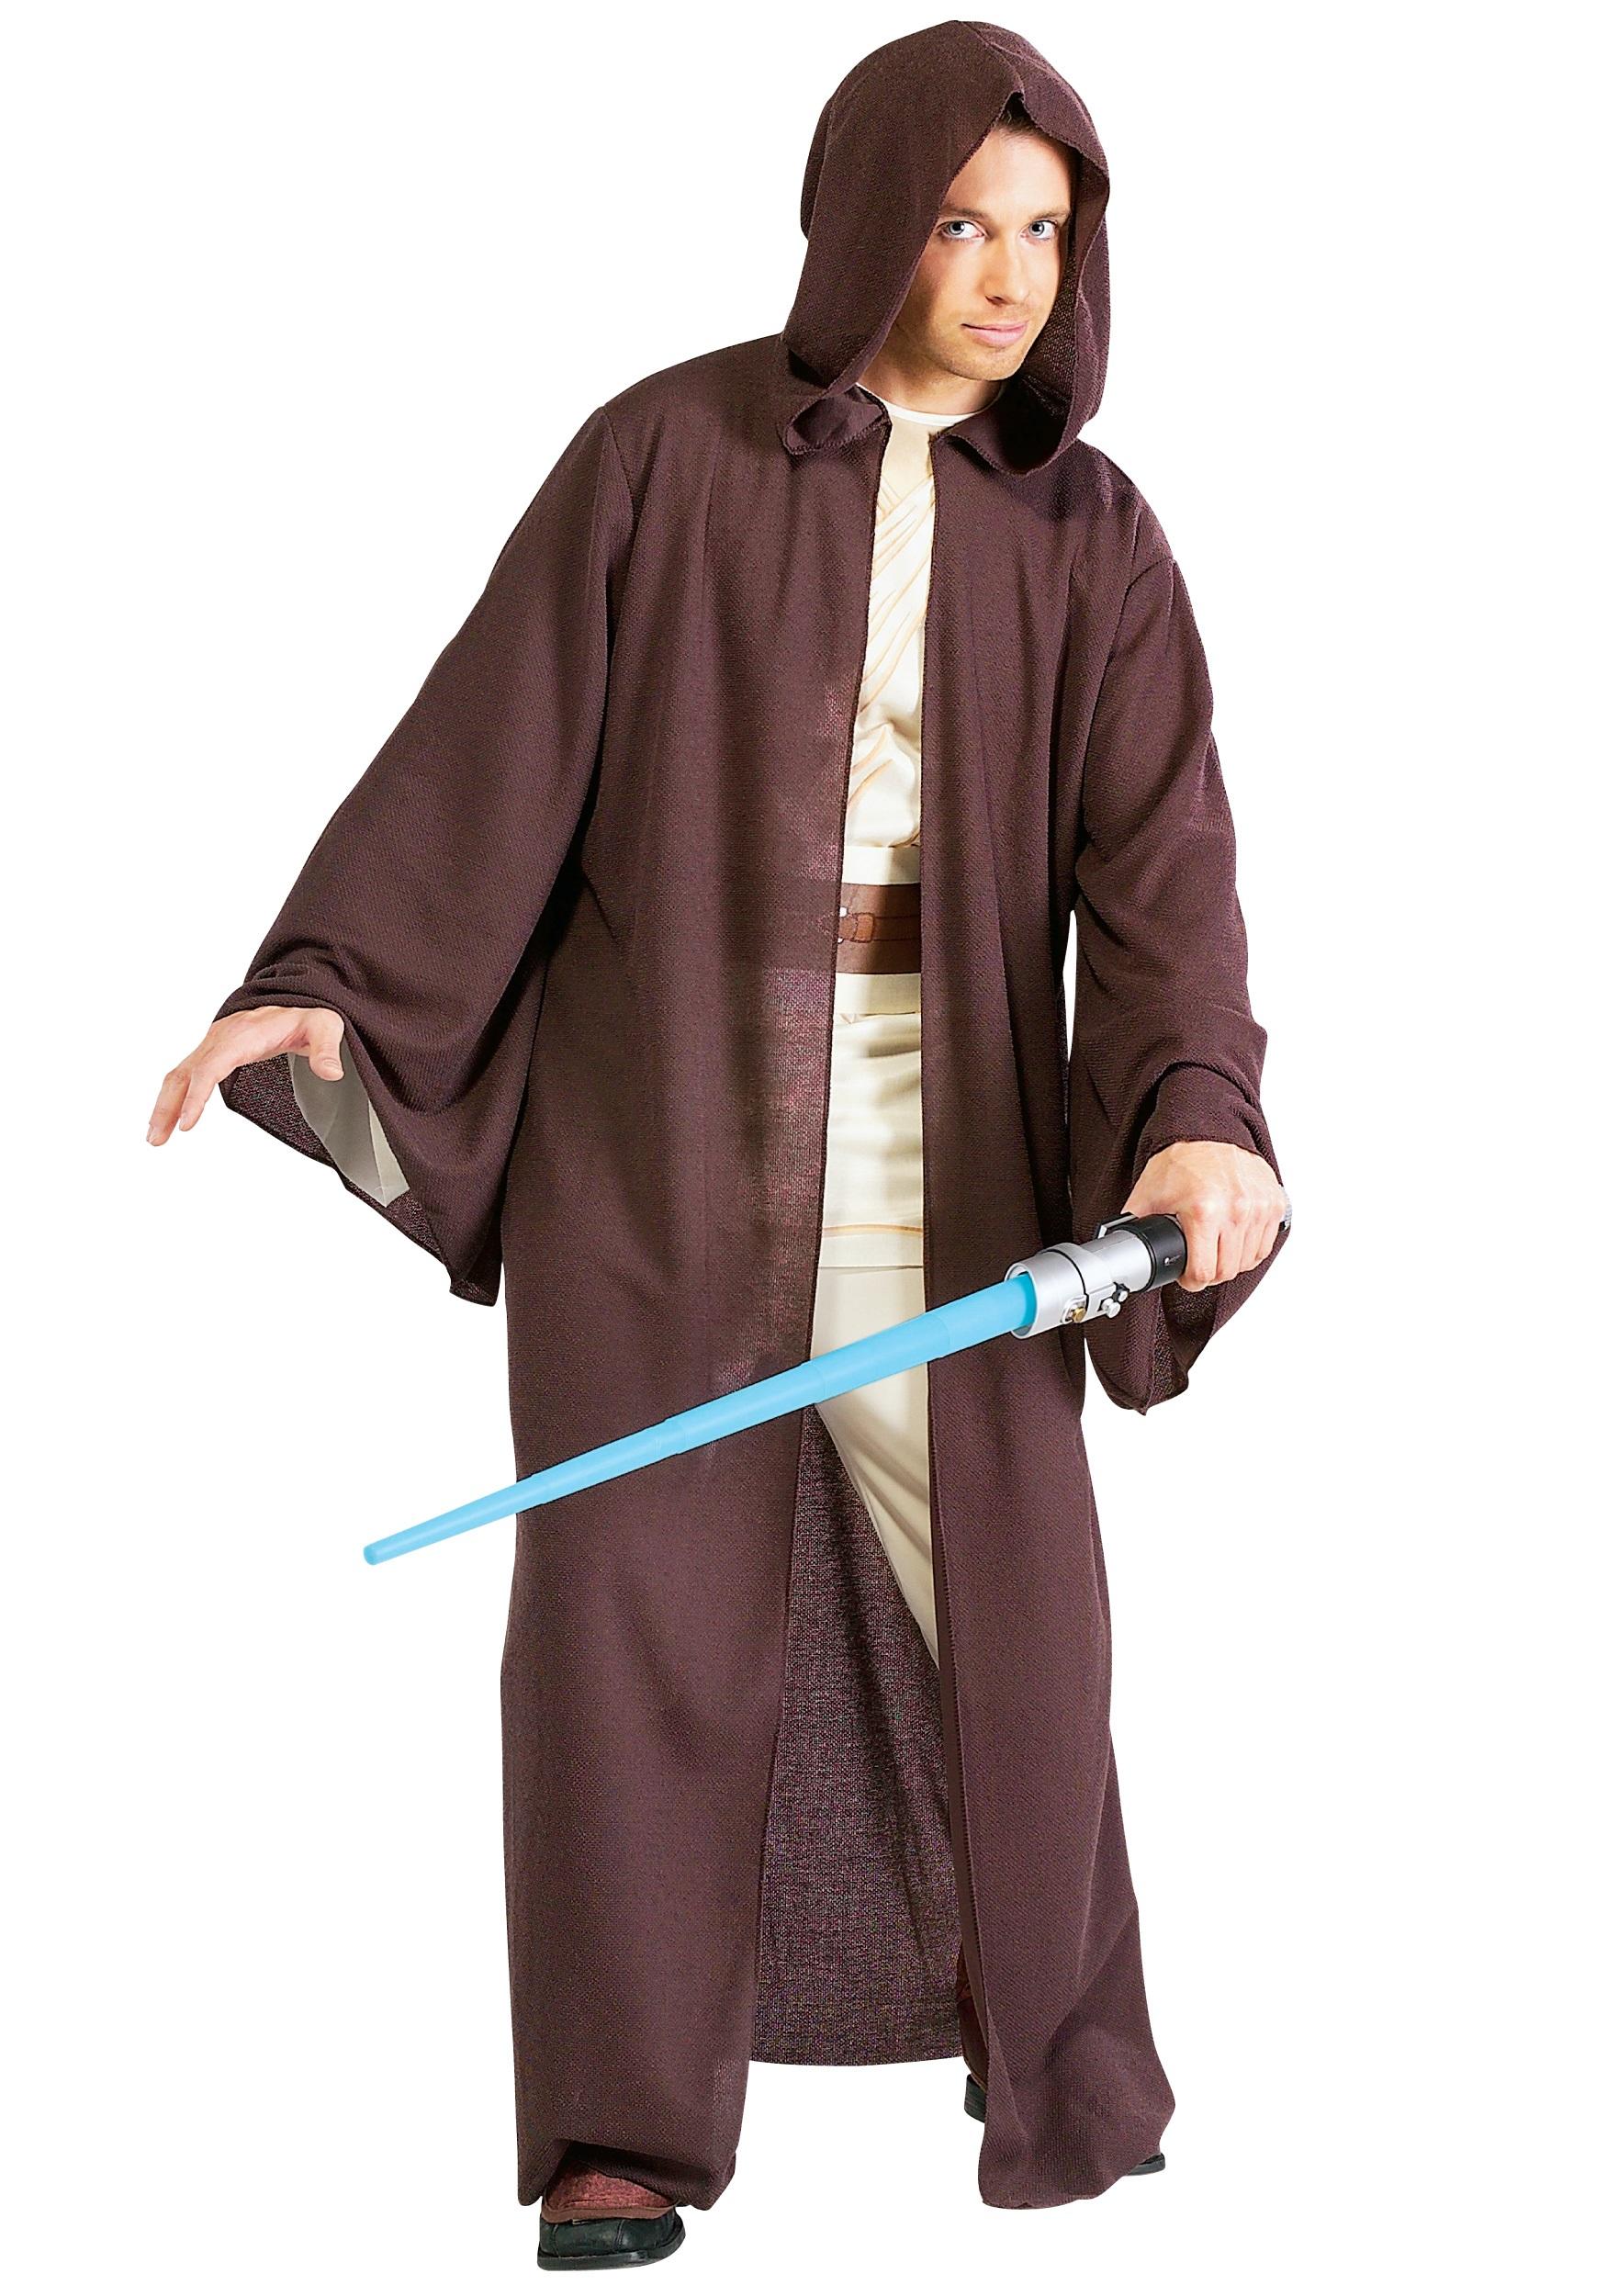 Adult star wars jedi robe